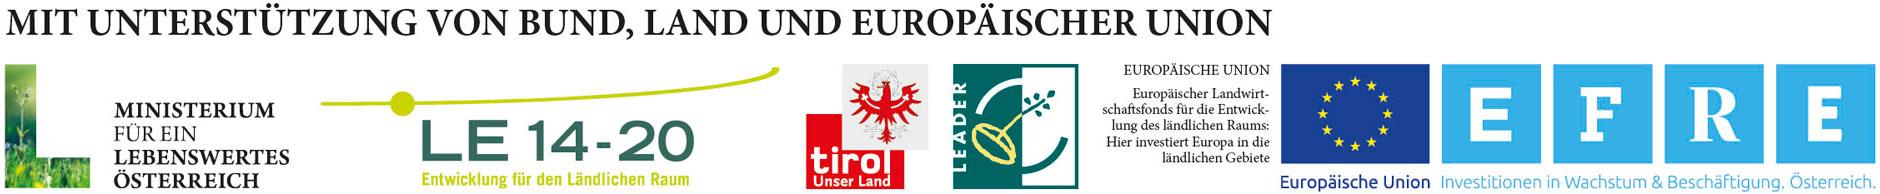 Logoleiste EFRE Bund